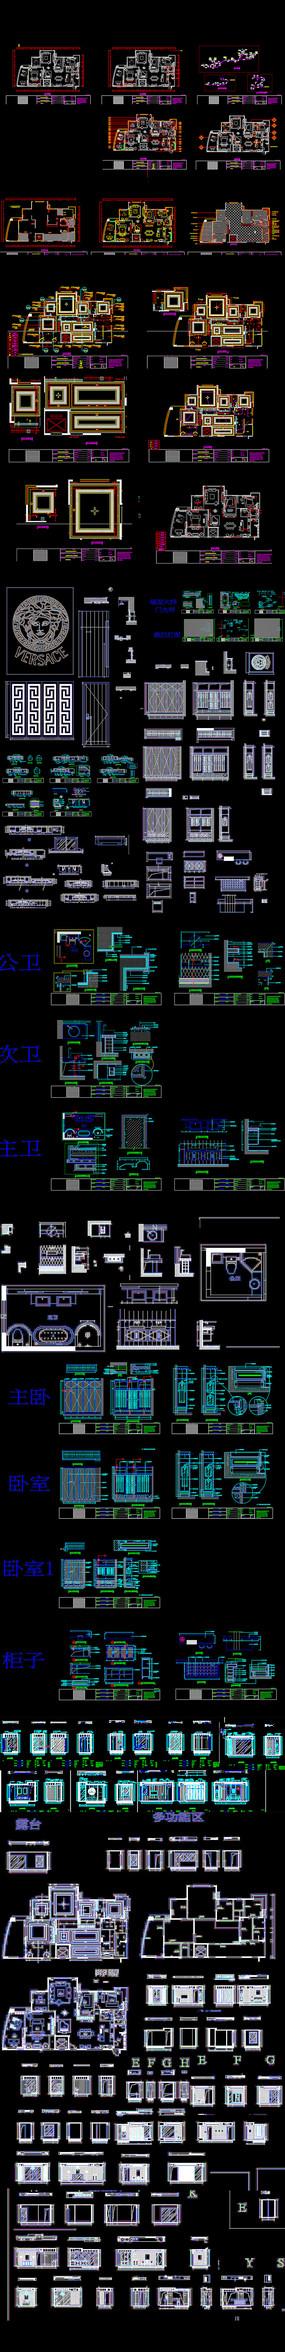 家居装饰施工图